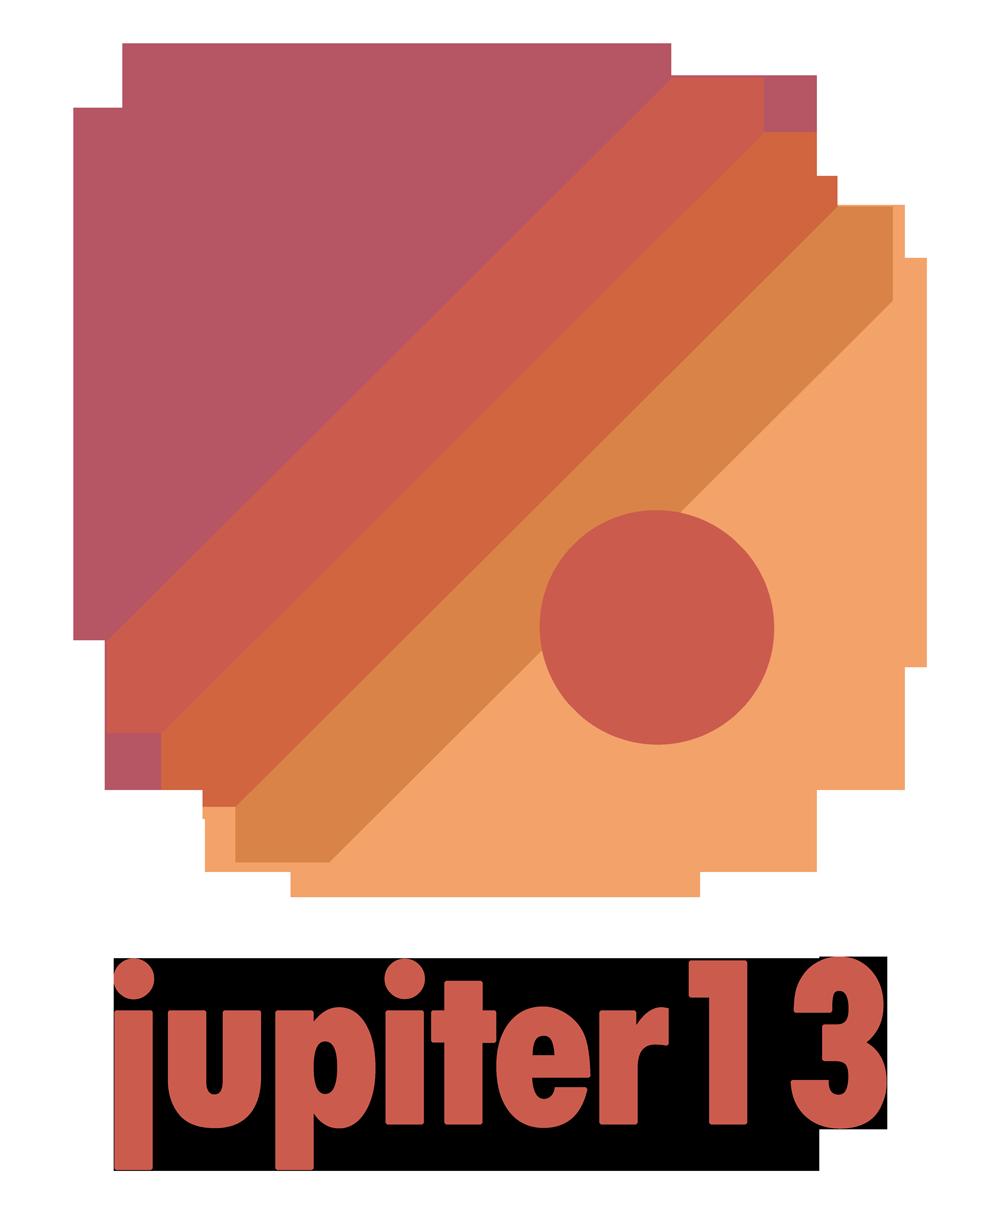 jupiter13 Logo